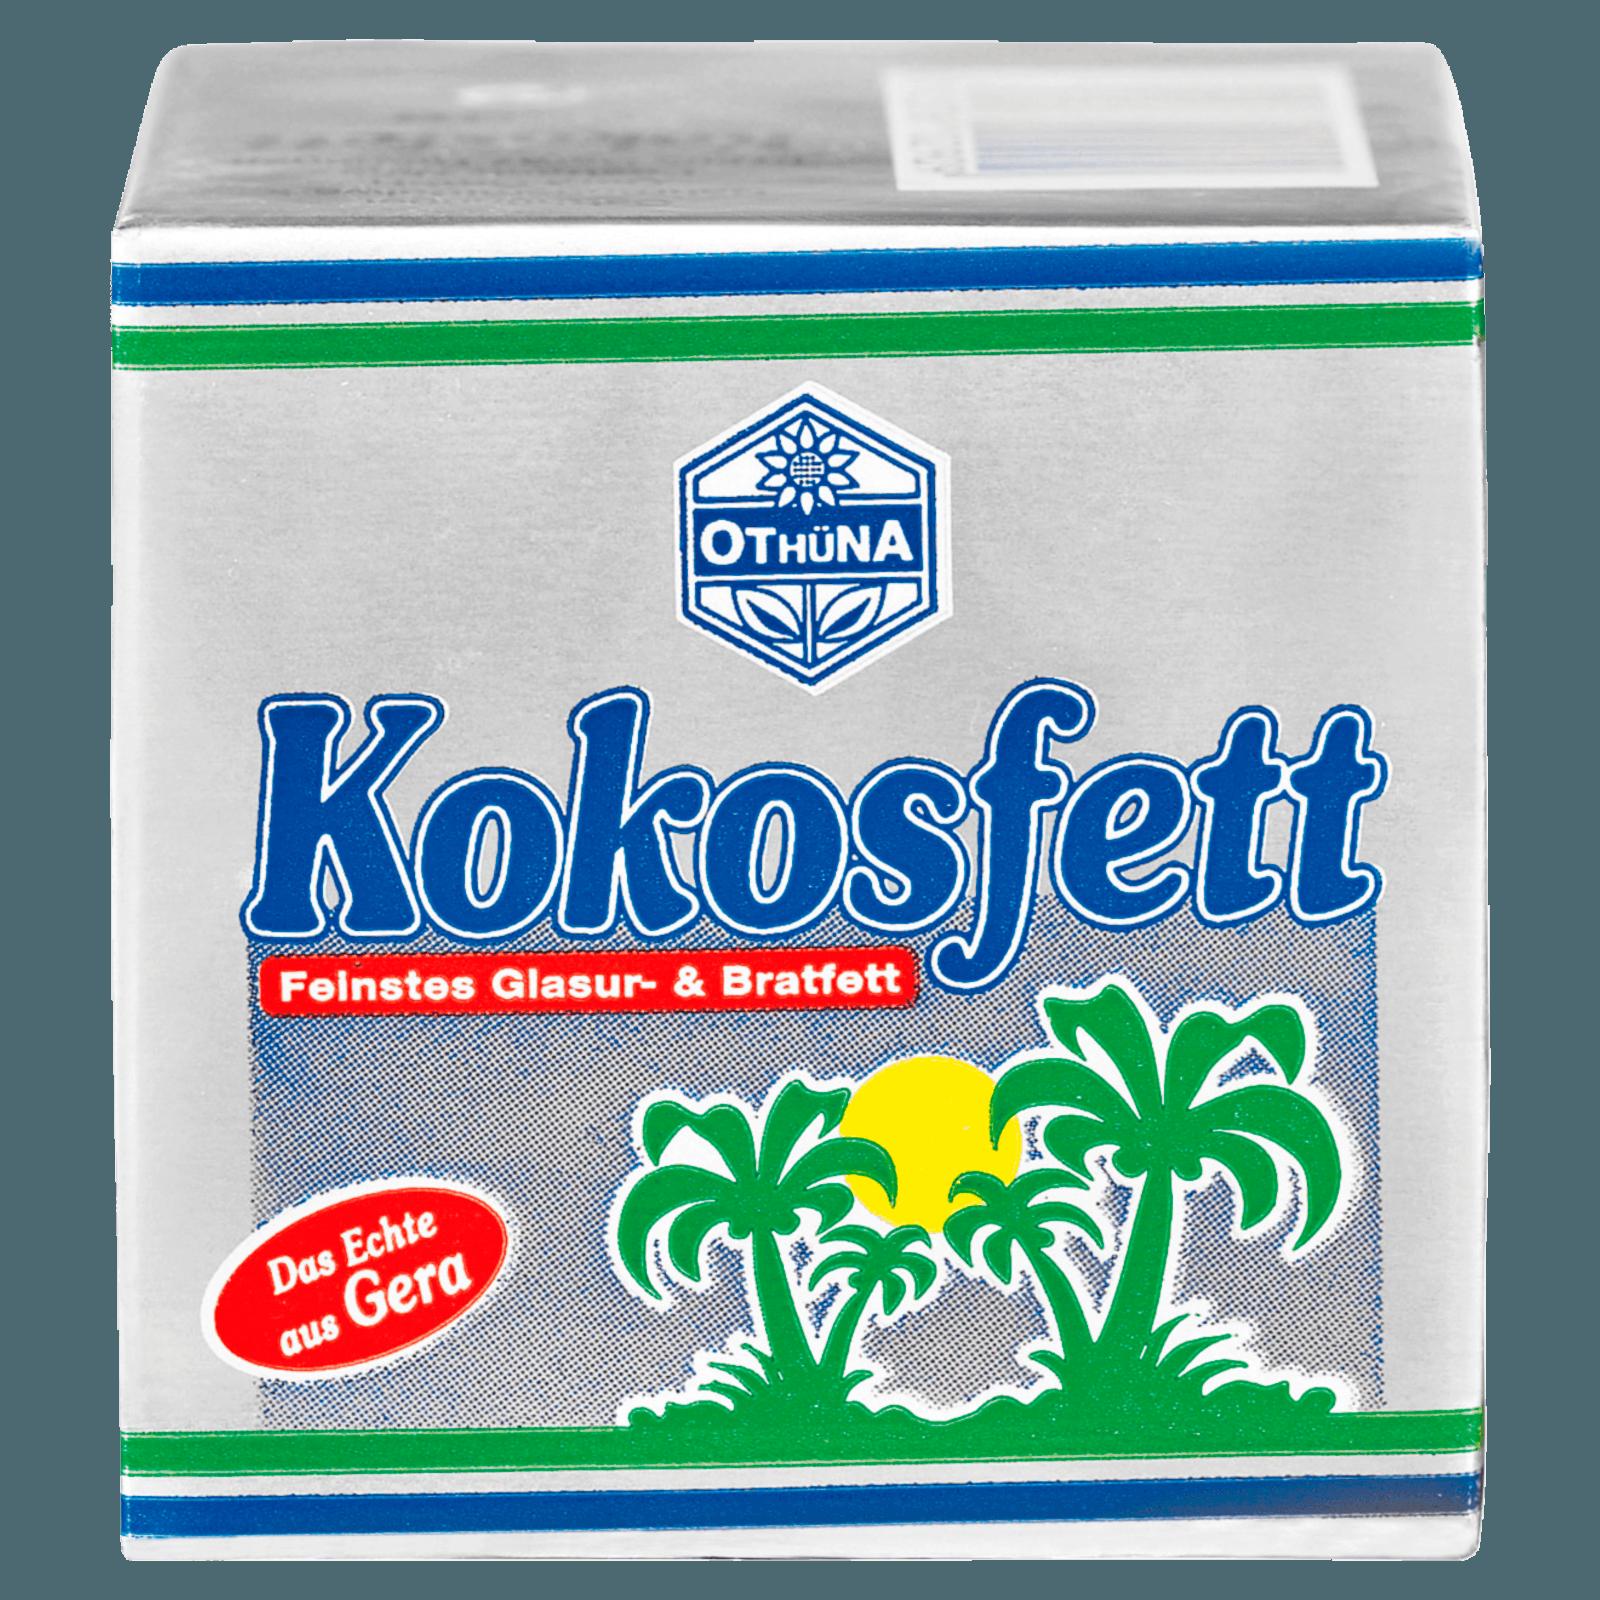 kokosöl rewe